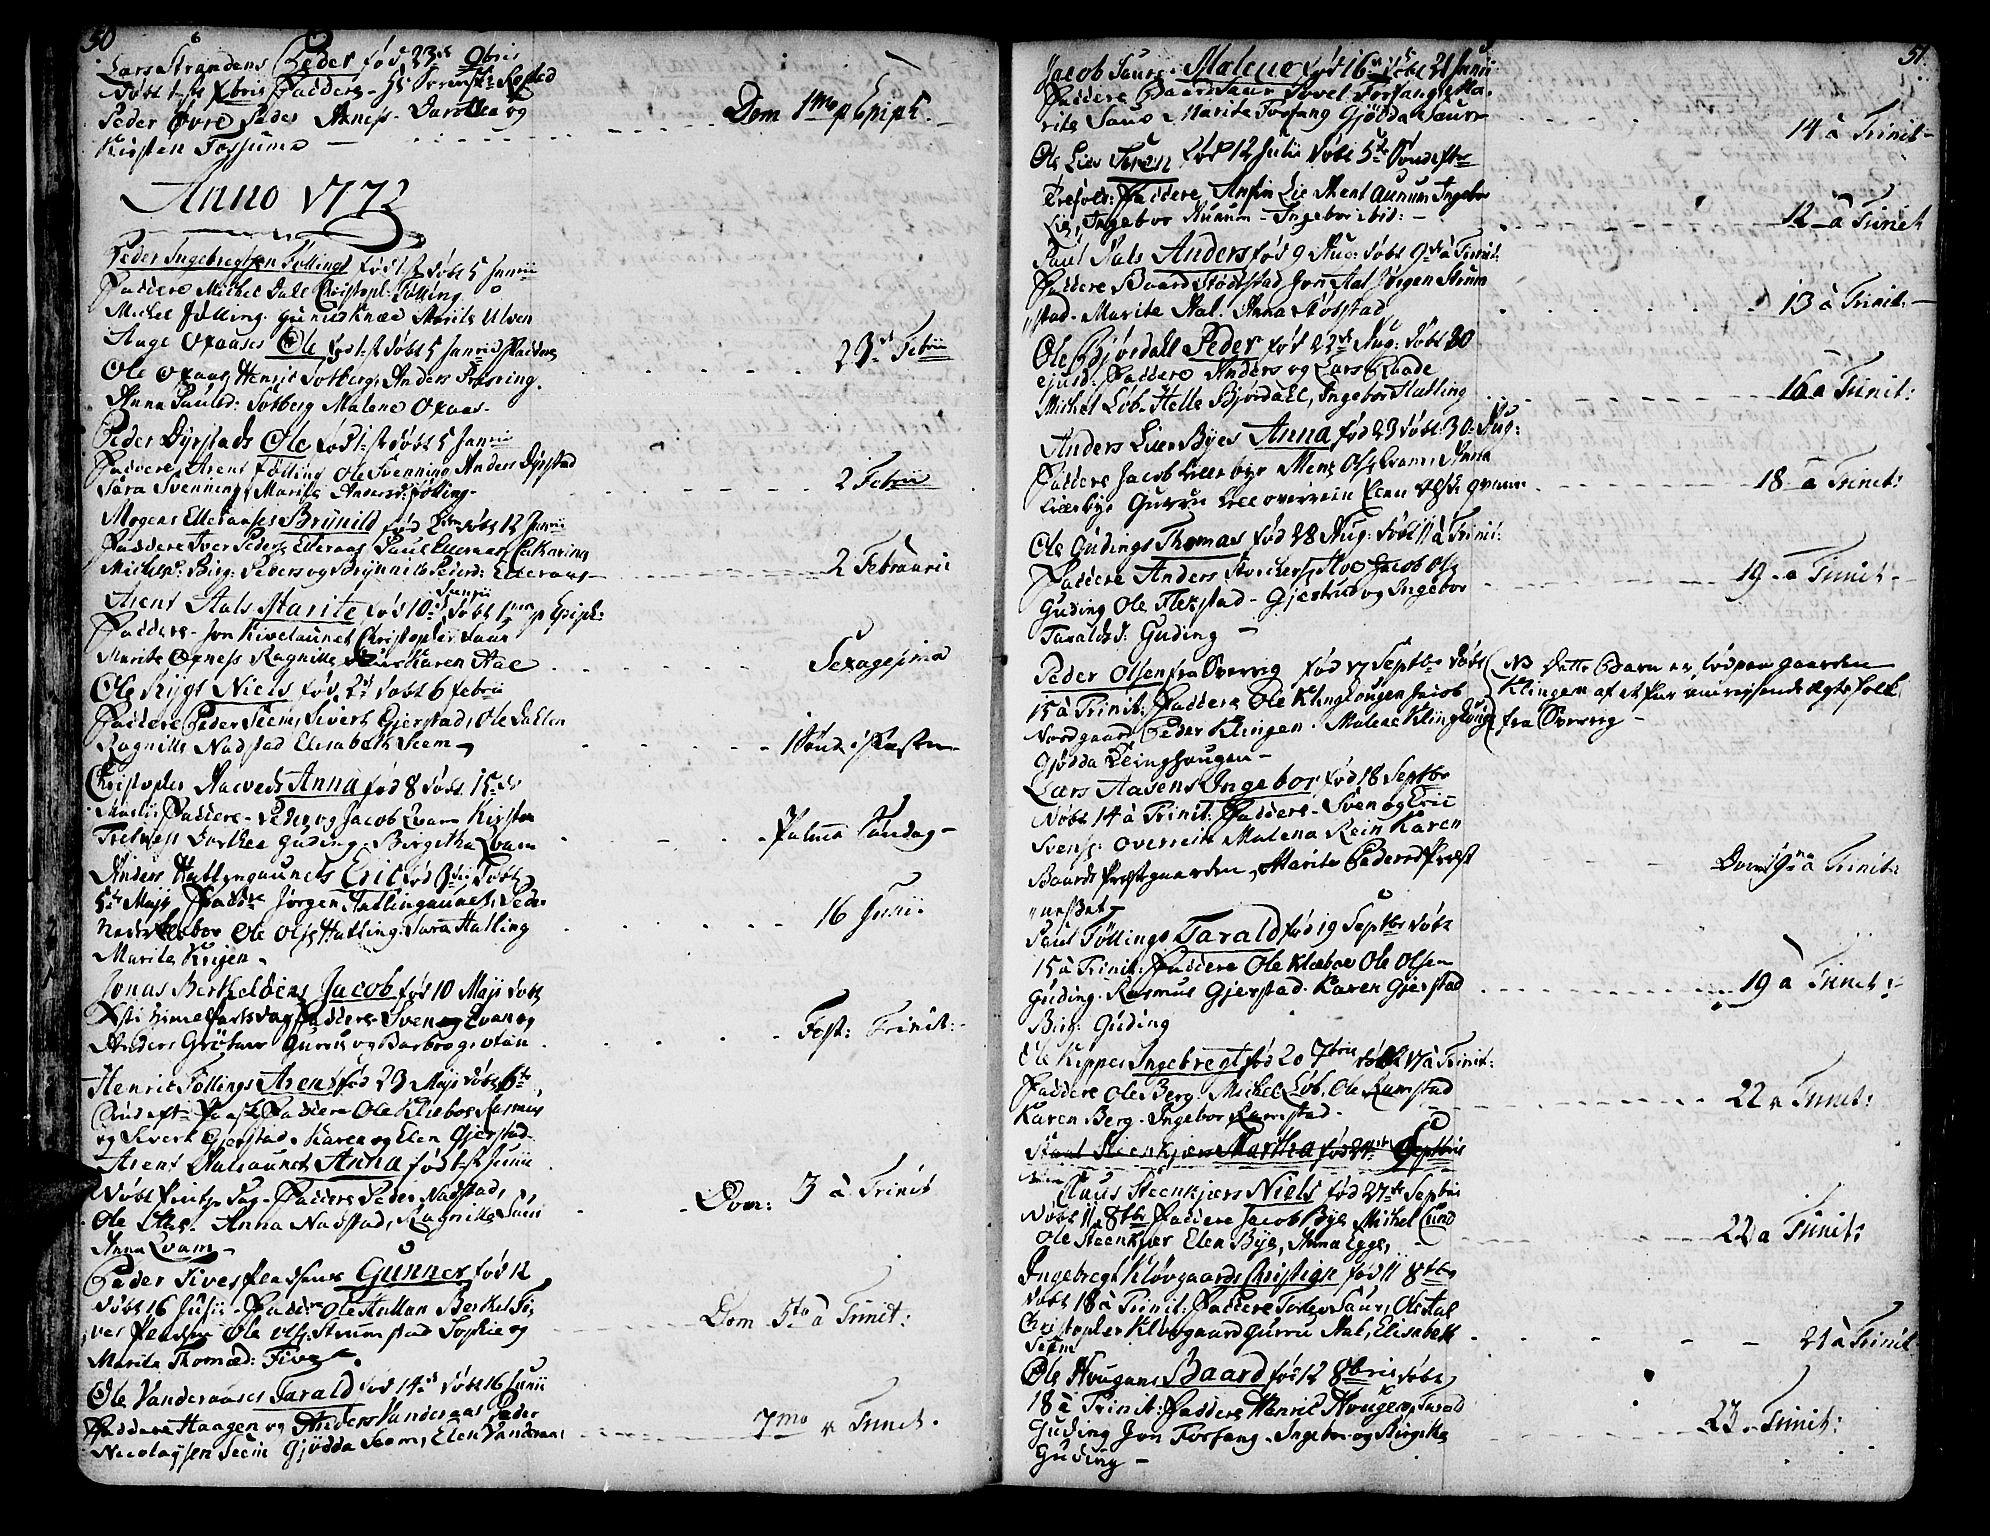 SAT, Ministerialprotokoller, klokkerbøker og fødselsregistre - Nord-Trøndelag, 746/L0440: Ministerialbok nr. 746A02, 1760-1815, s. 50-51